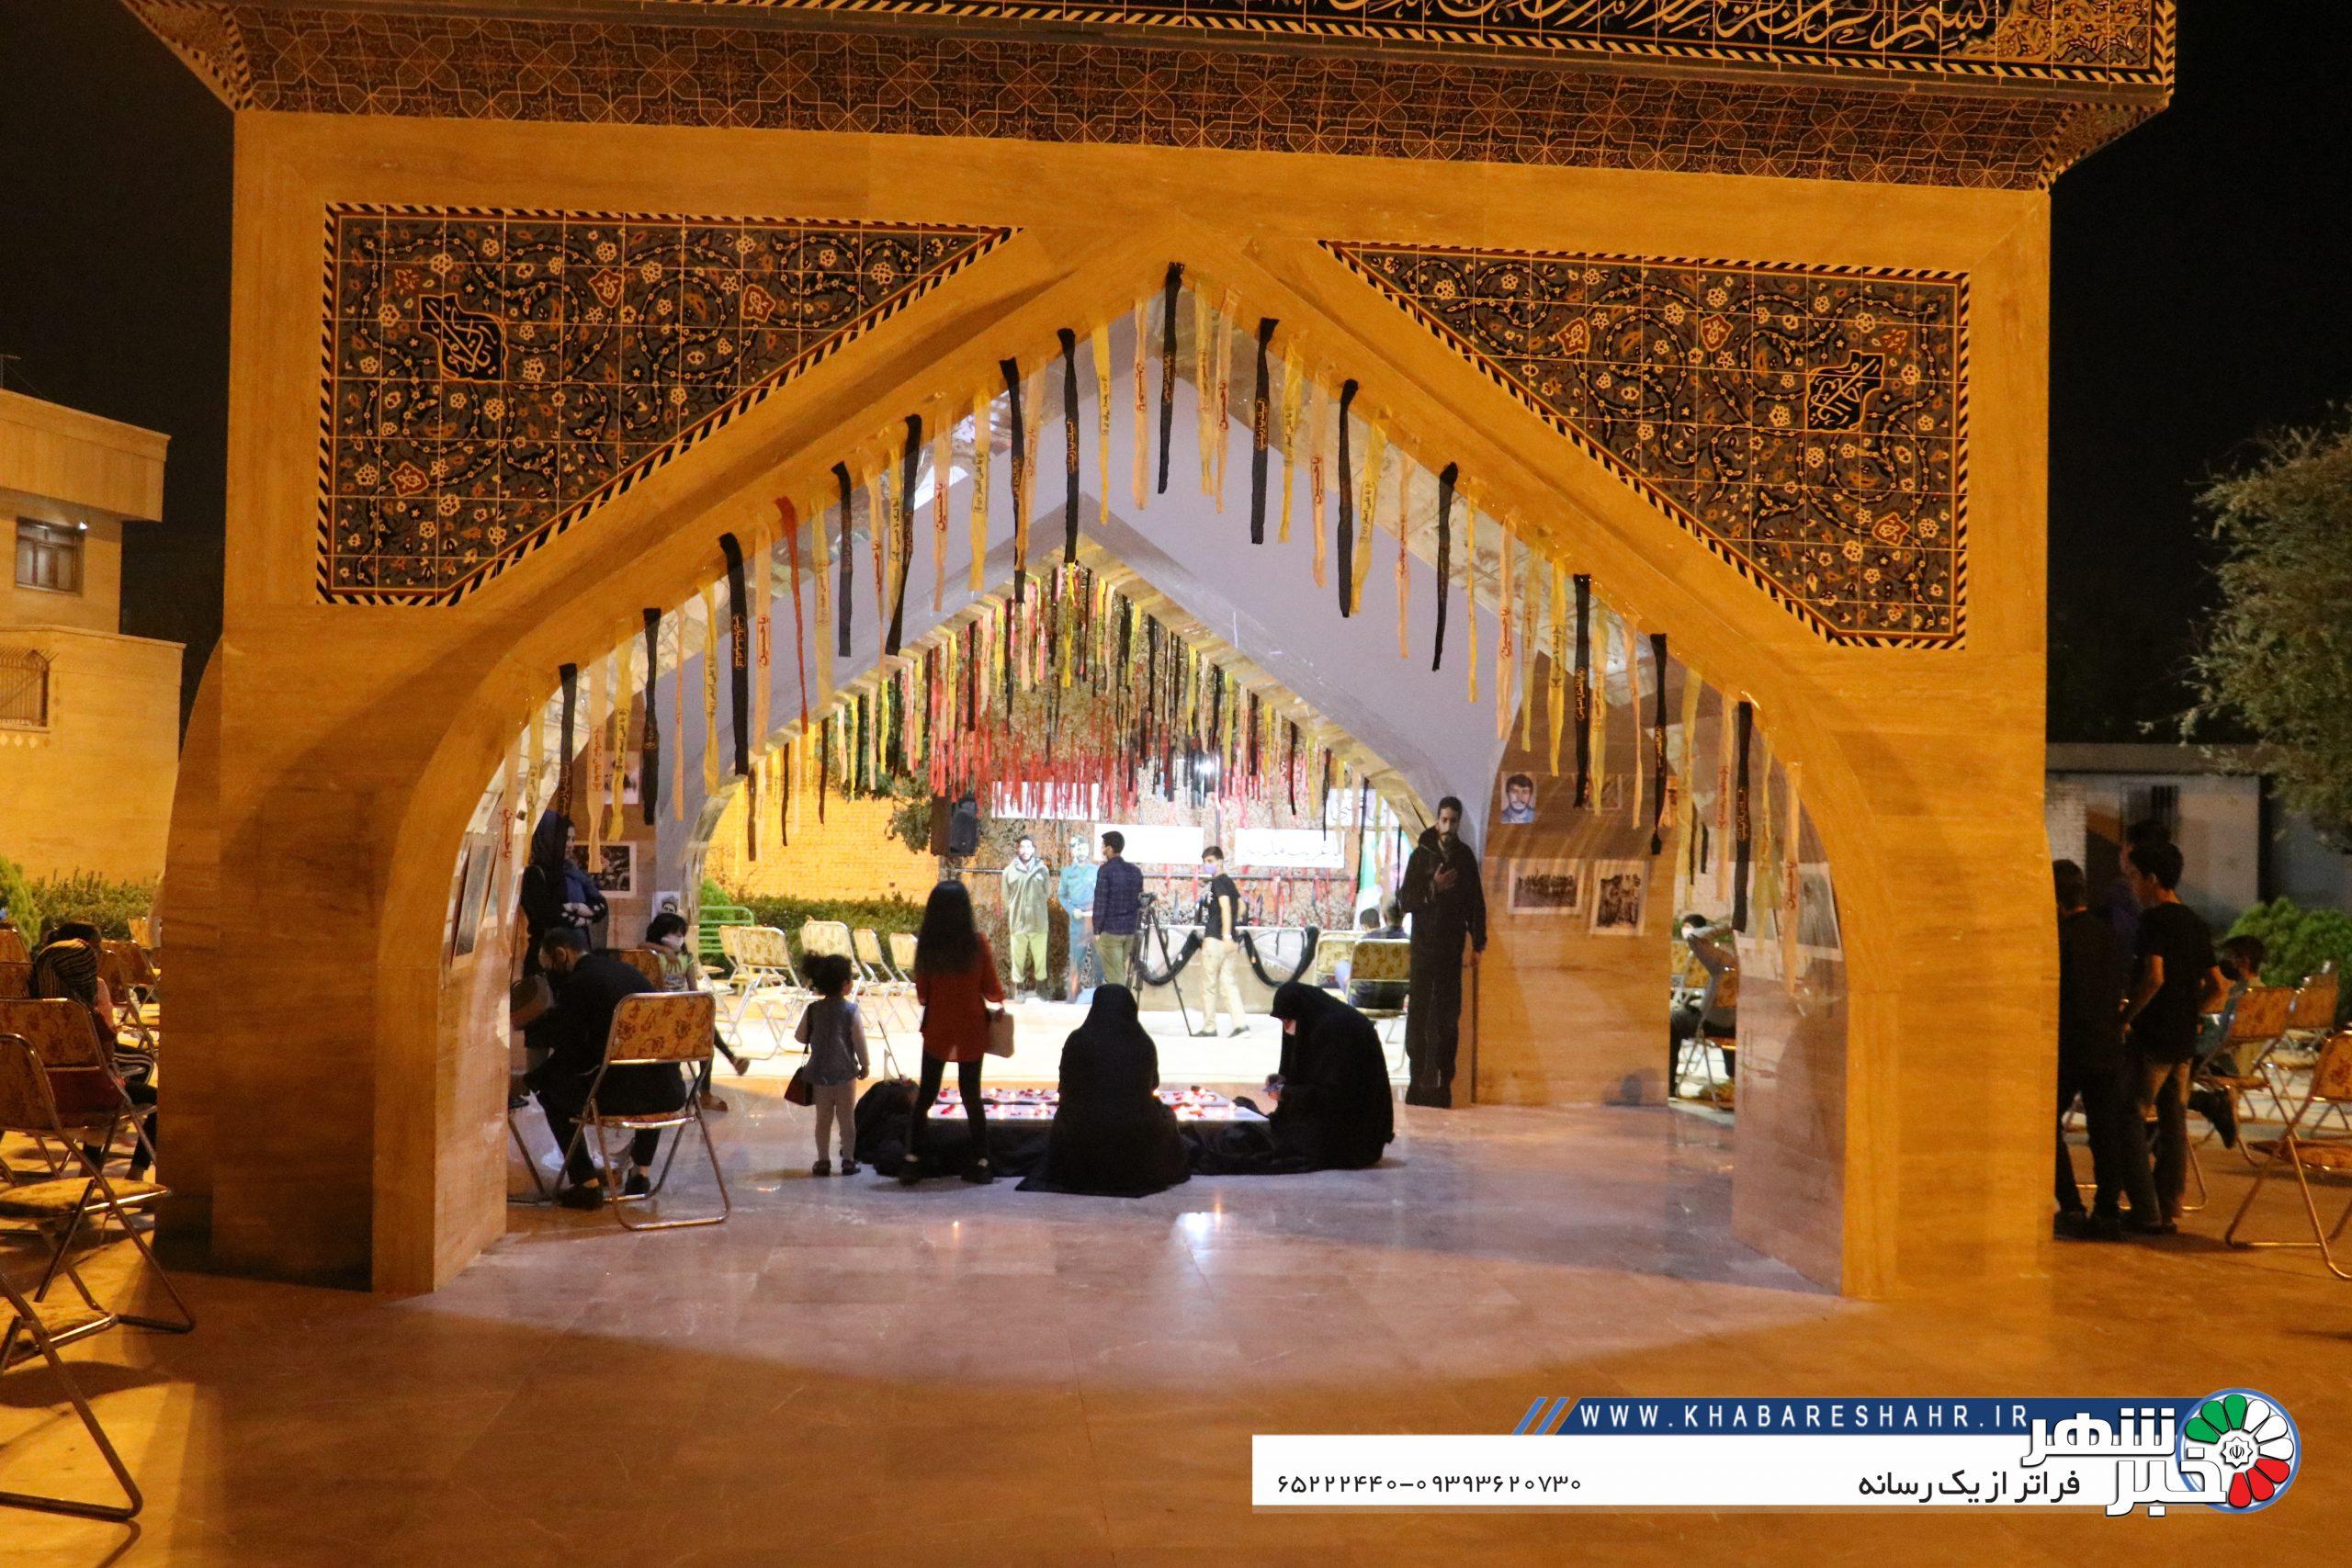 مراسم گرامیداشت چهلمین سالگرد دفاع مقدس در فردوسیه +گزارش تصویری